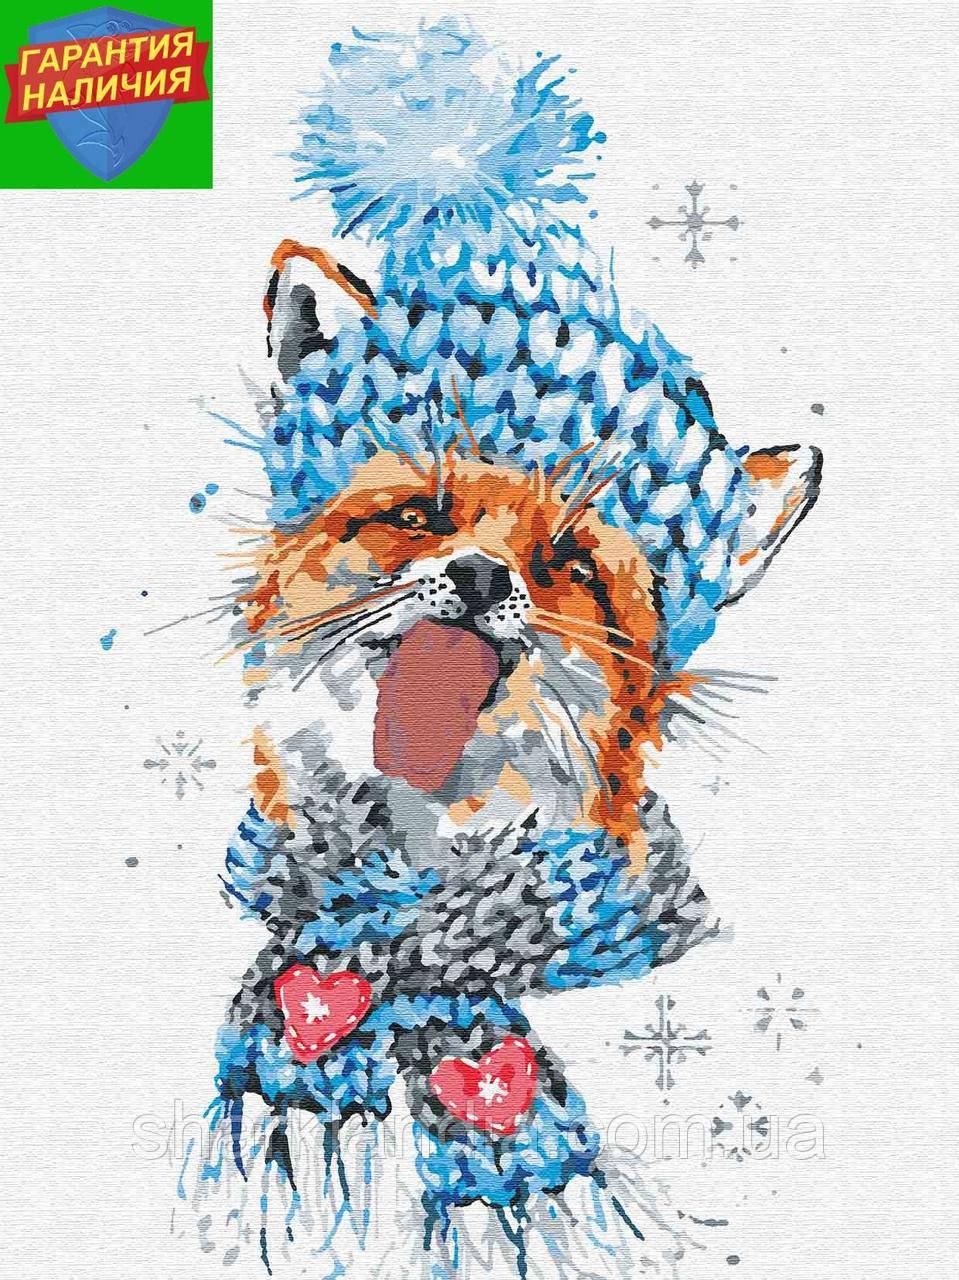 Картина по номерам Новогодняя лисичка в шапке Новый год +Лак 30*40см Барви Живопись по цифрам